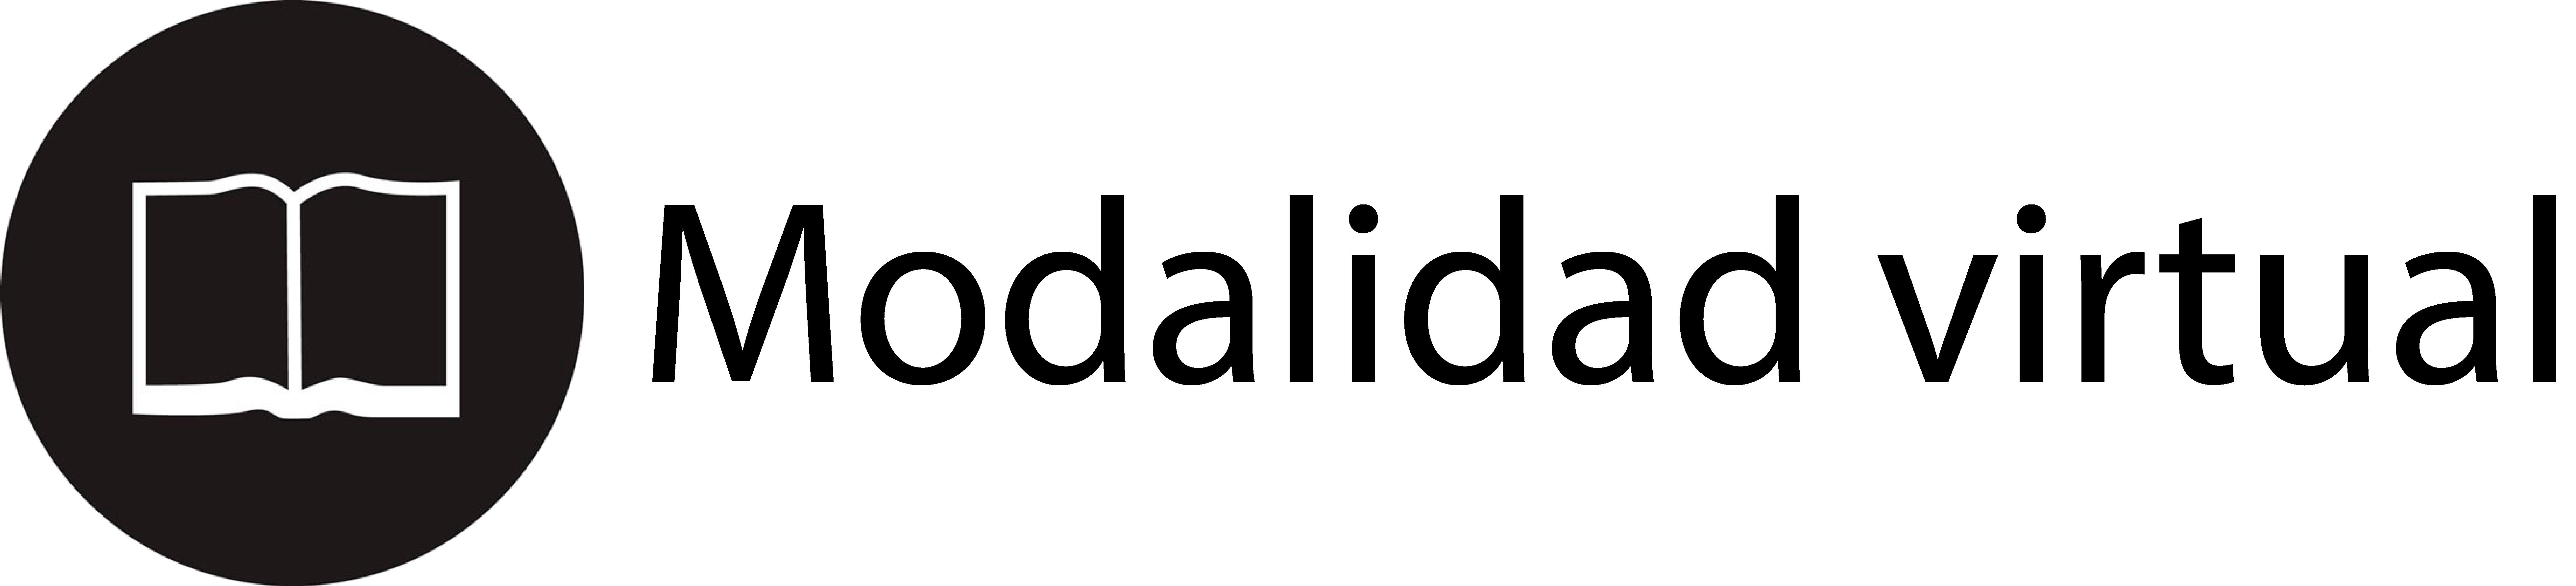 icono modalidad vitual